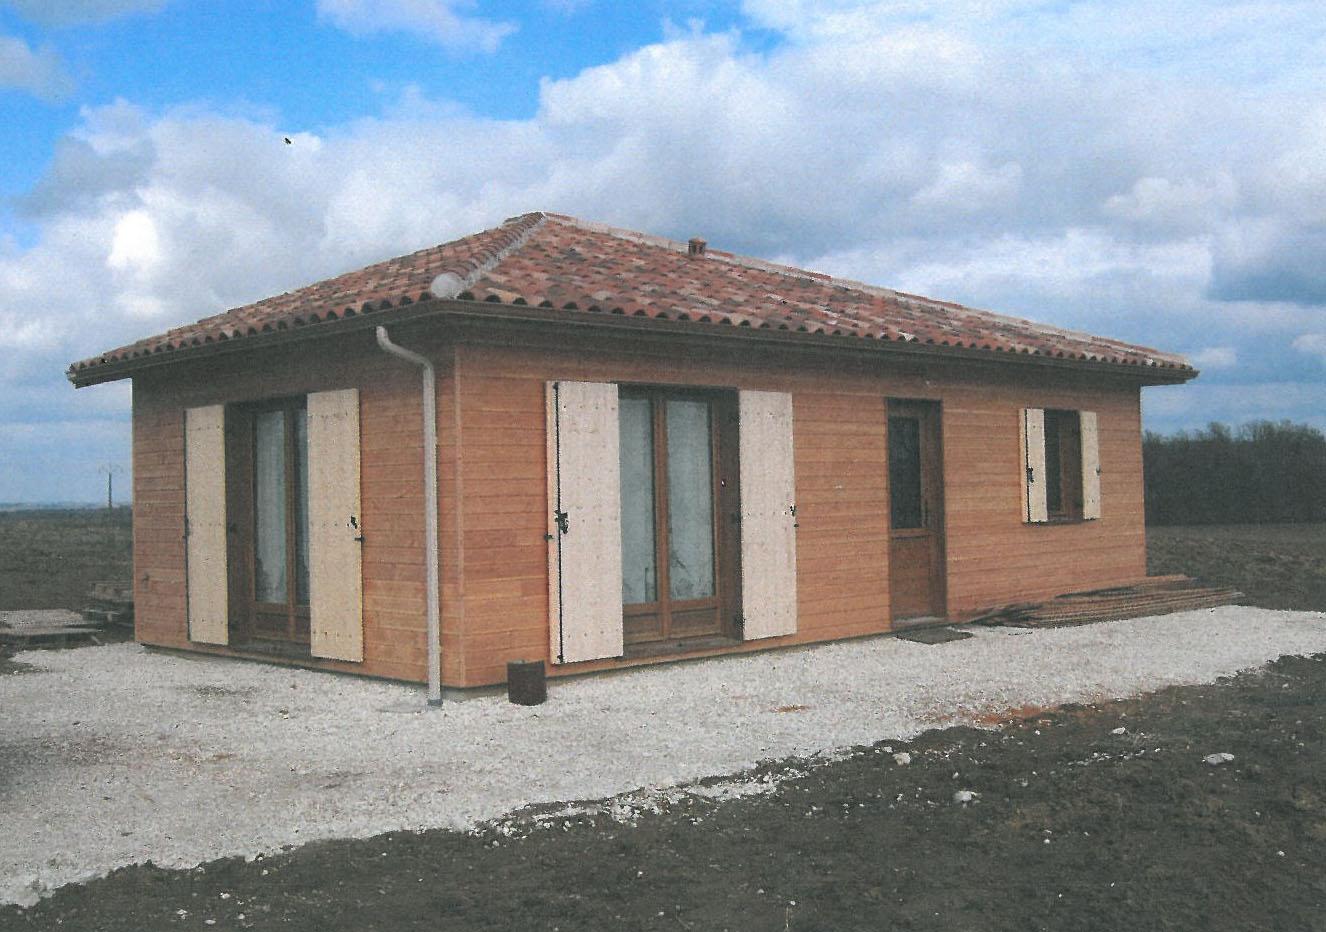 Bardage maison ossature bois perfect with bardage maison for Bardage maison ossature bois